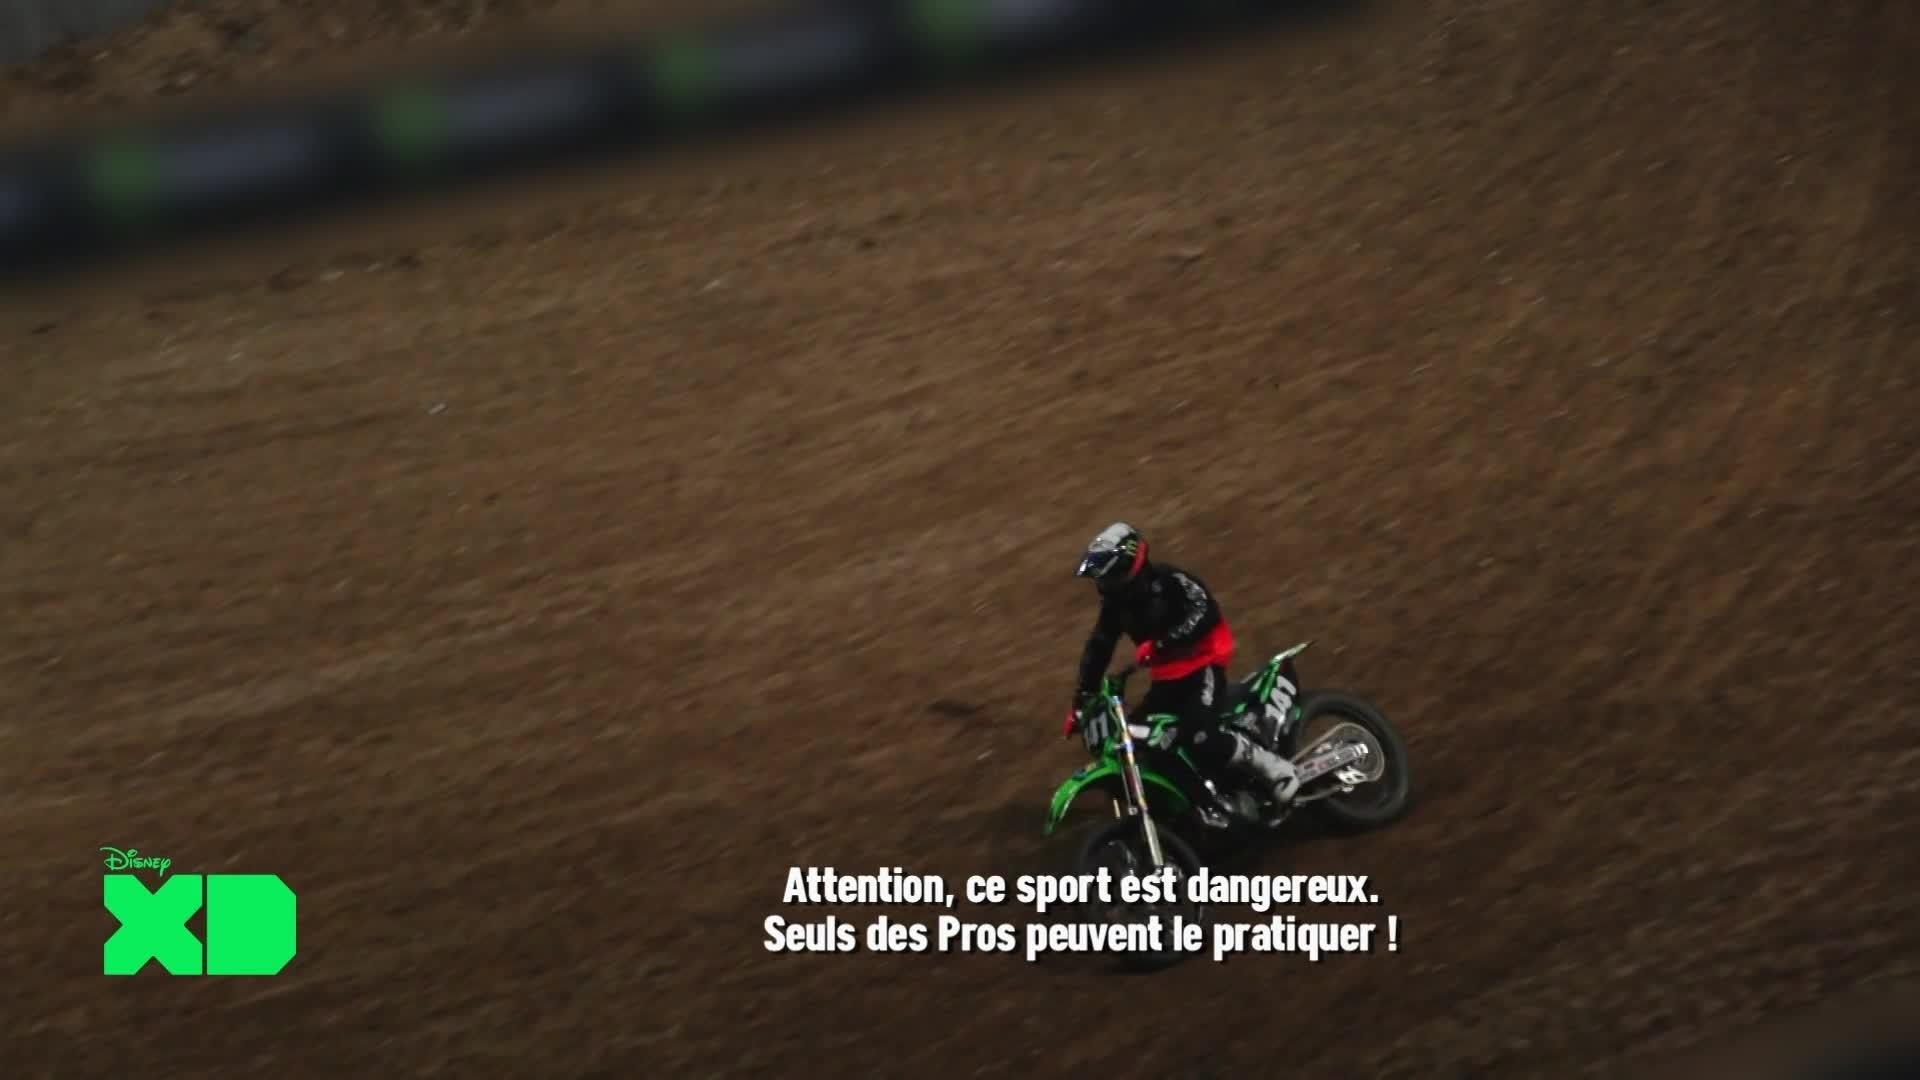 Disney XD Sport News - Lille - Motocross